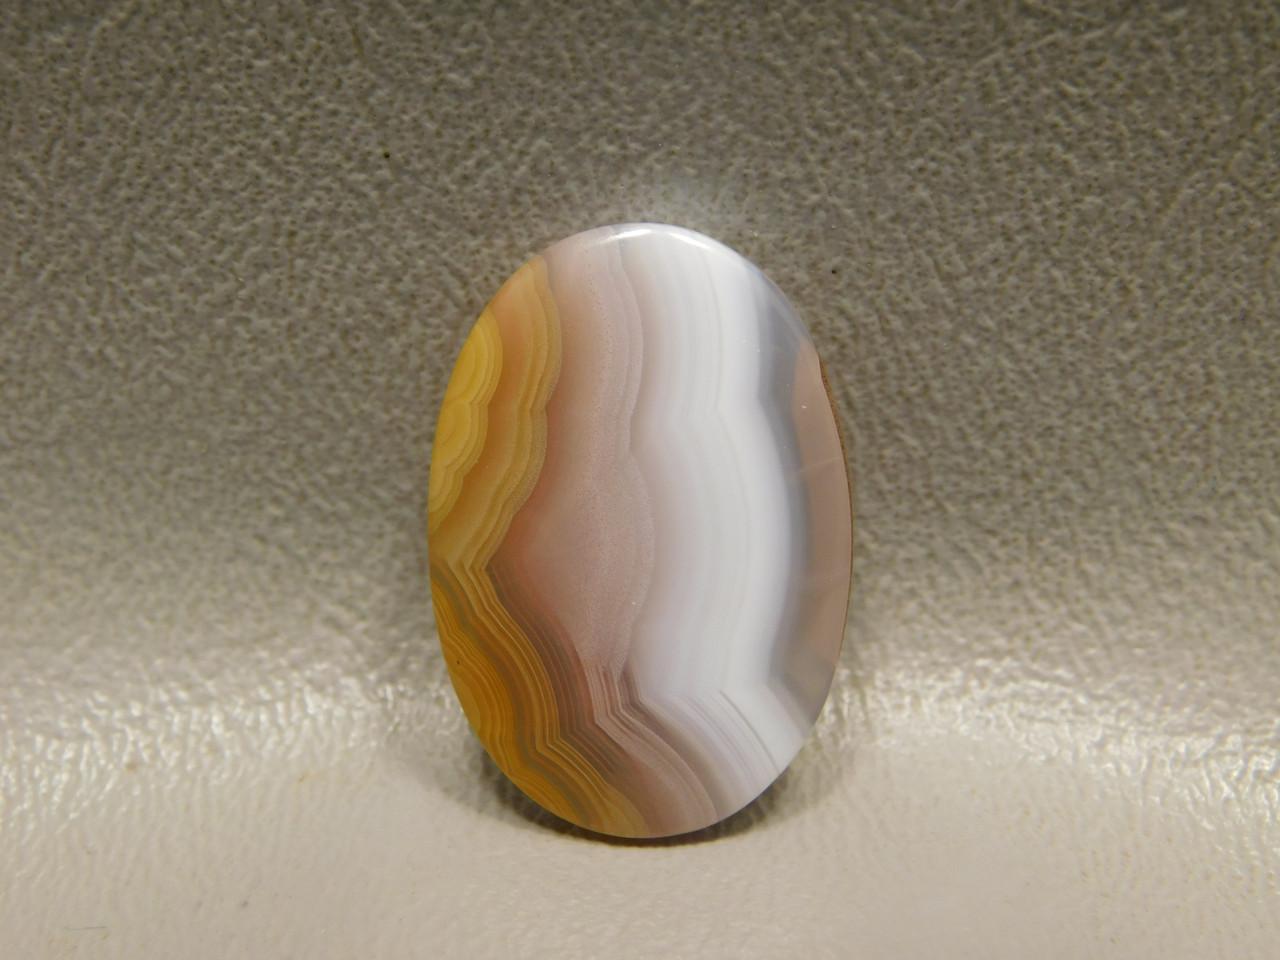 Coyamito Agate Gemstone Cabochon Semi Precious Stone #6